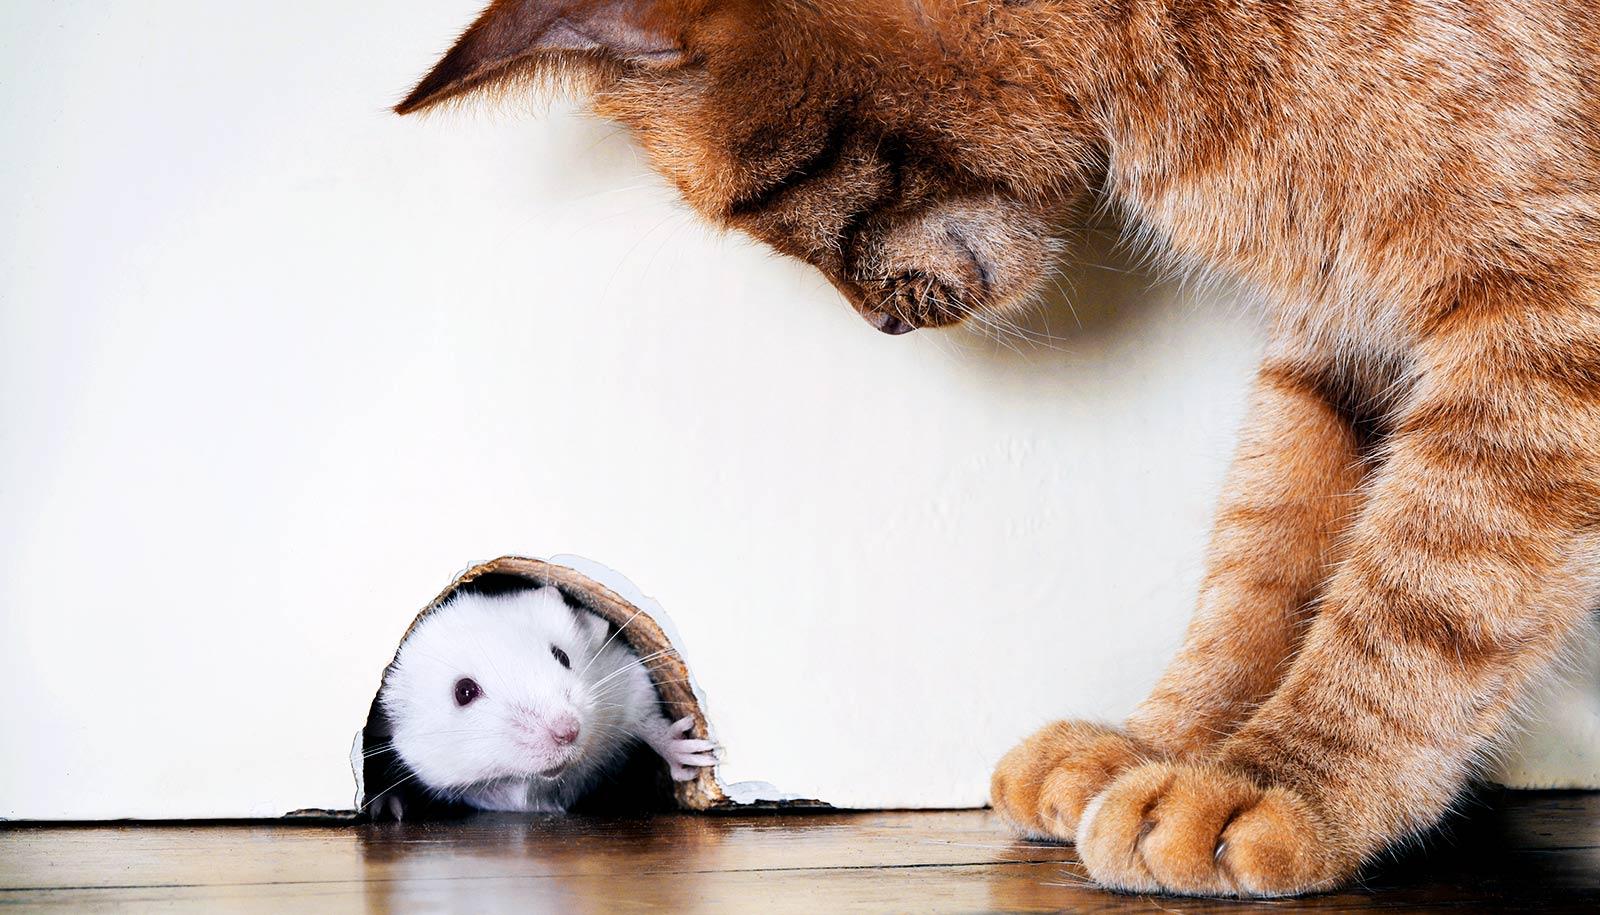 Serotonin Guides Fight Or Flight Response In Mice